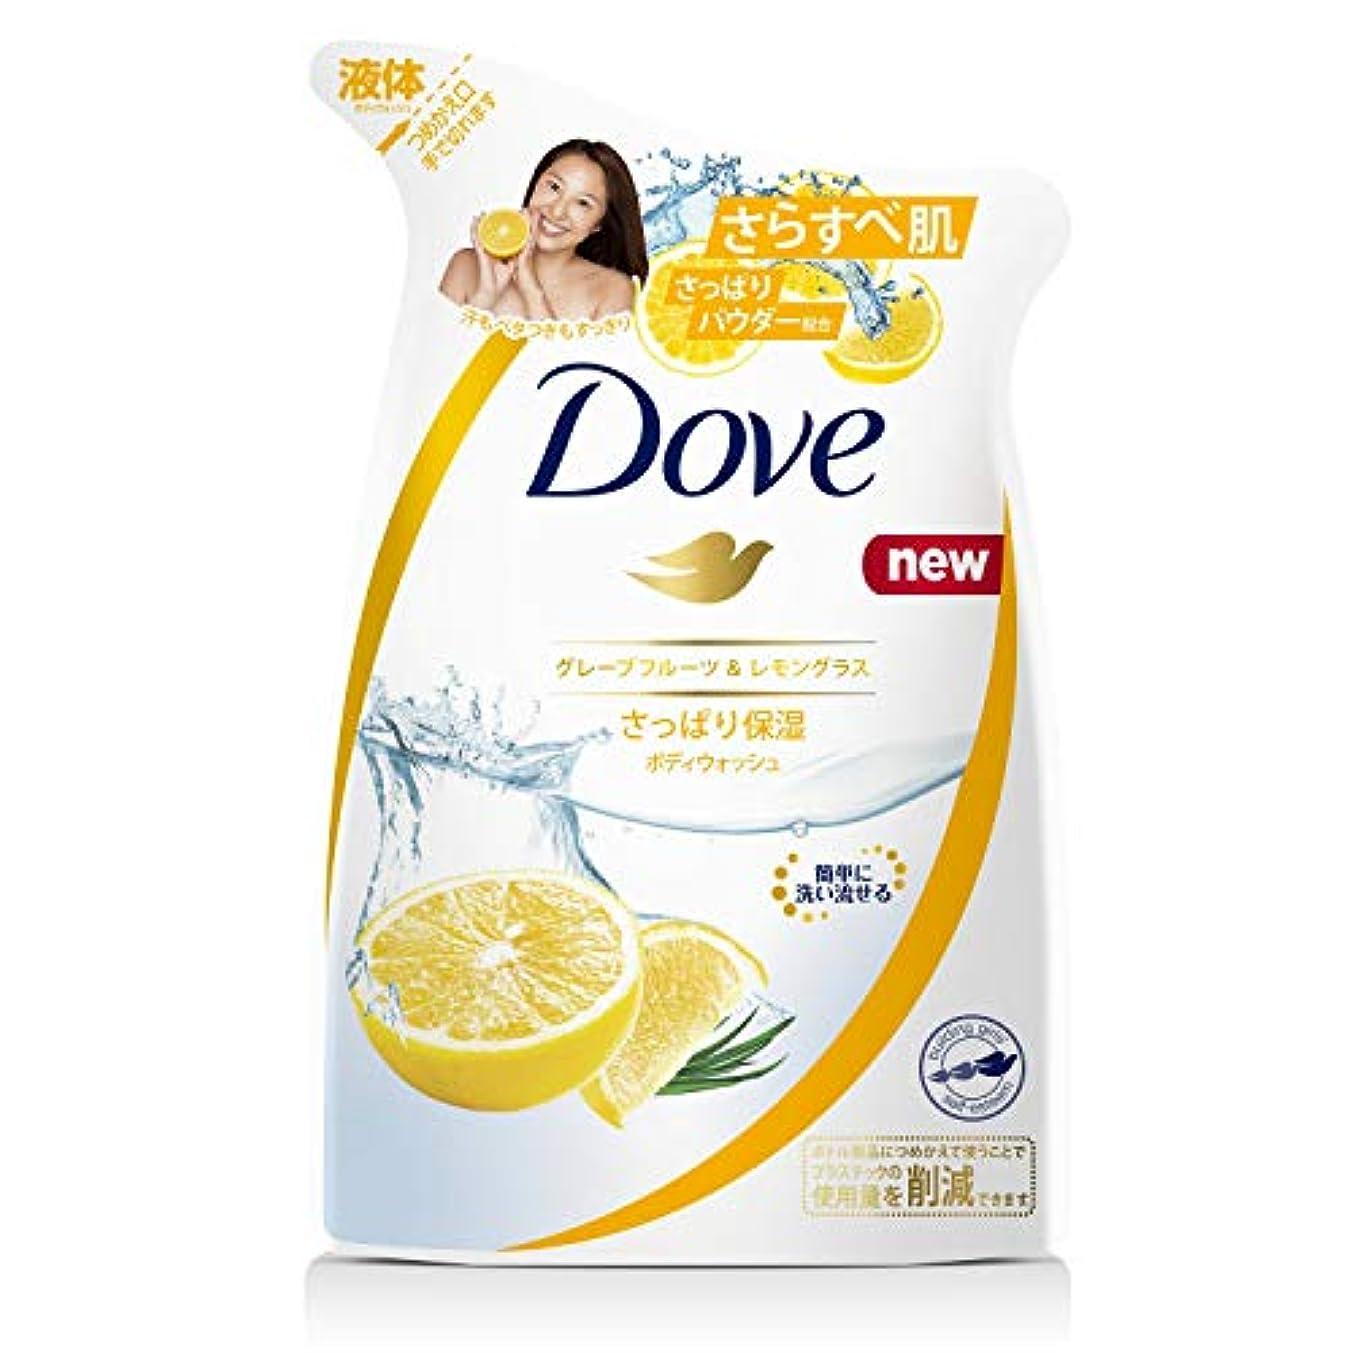 同情追加影響力のあるダヴ ボディウォッシュ グレープフルーツ&レモングラス つめかえ用 360g